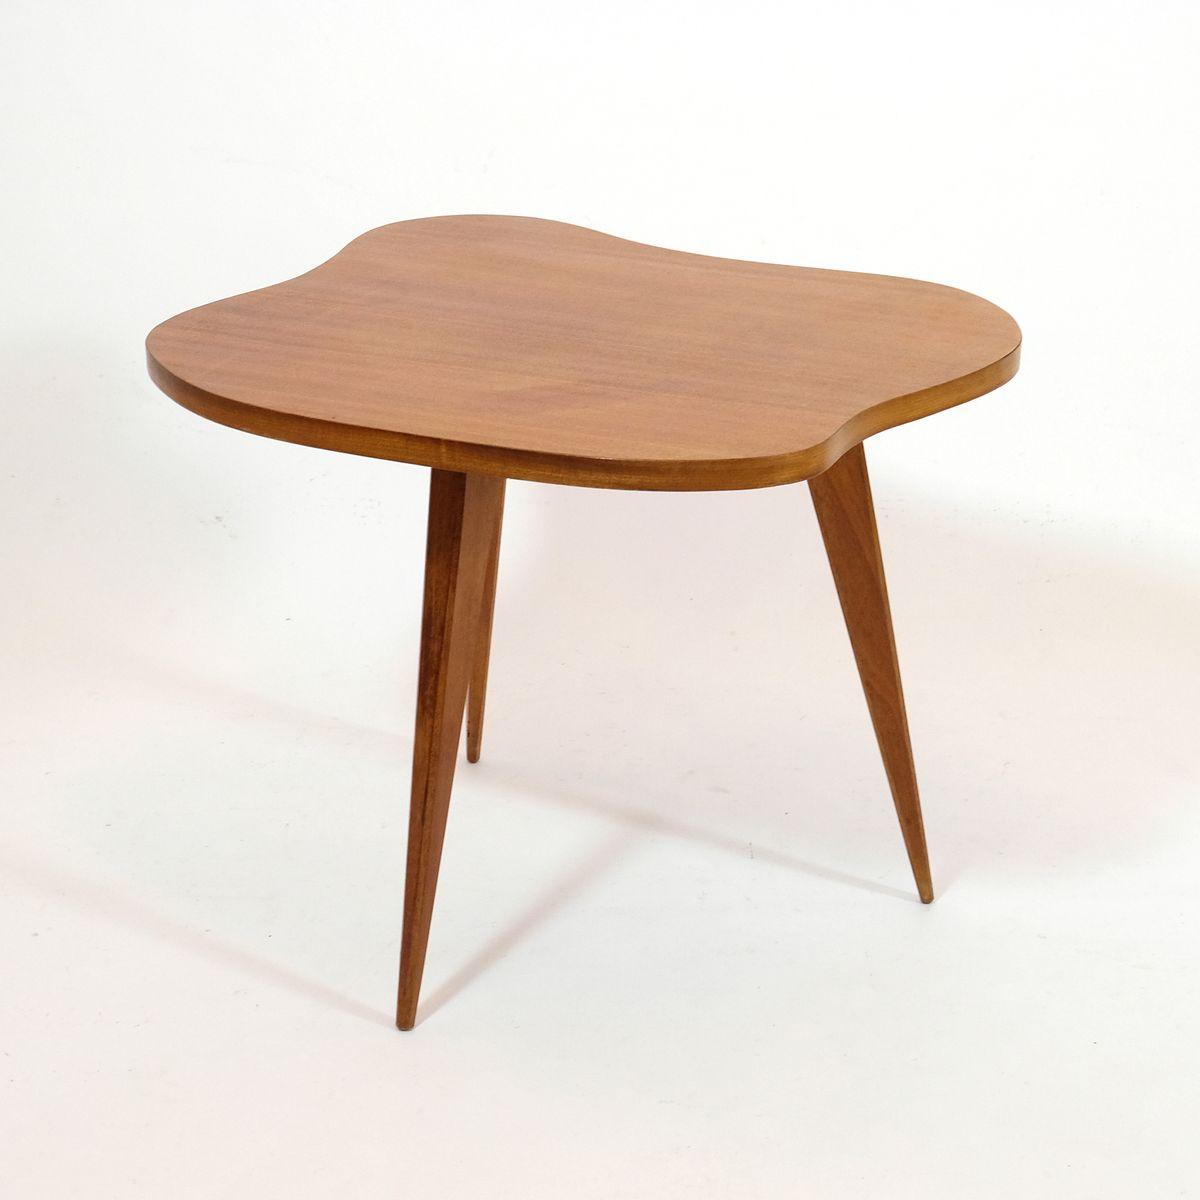 bohnenf rmiger franz sischer vintage tisch bei pamono kaufen. Black Bedroom Furniture Sets. Home Design Ideas